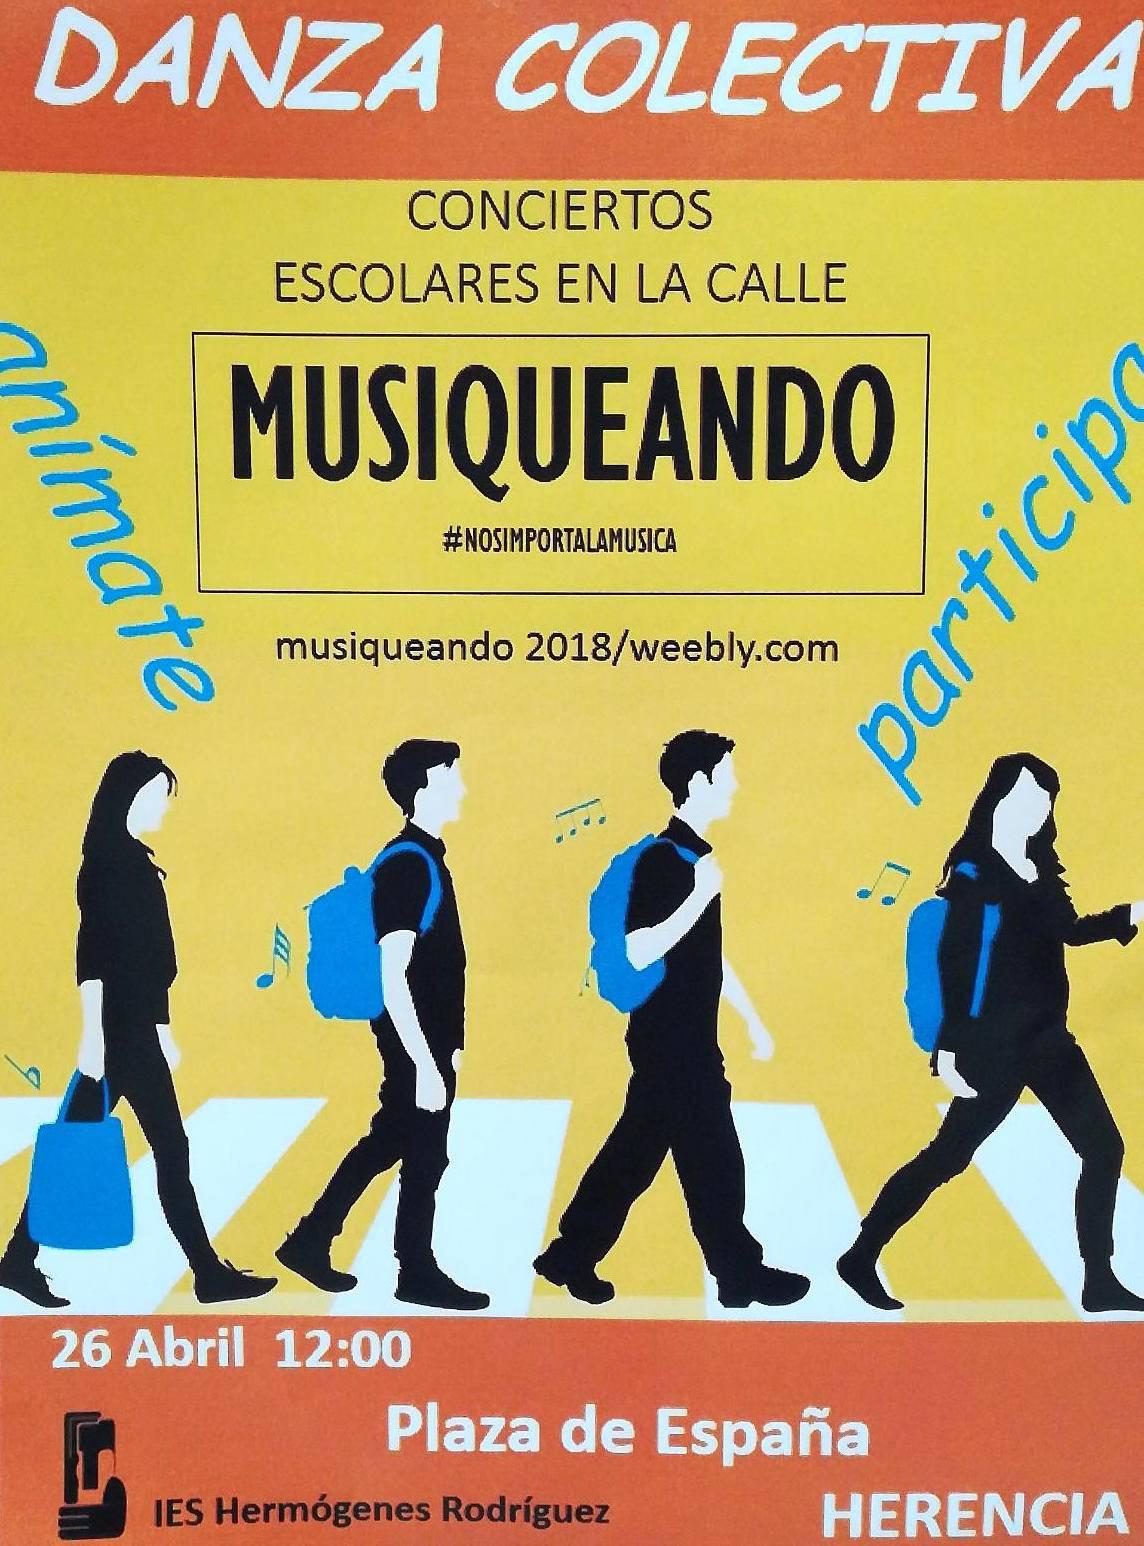 El IES participa de Musiqueando 2018 con música en la calle 5